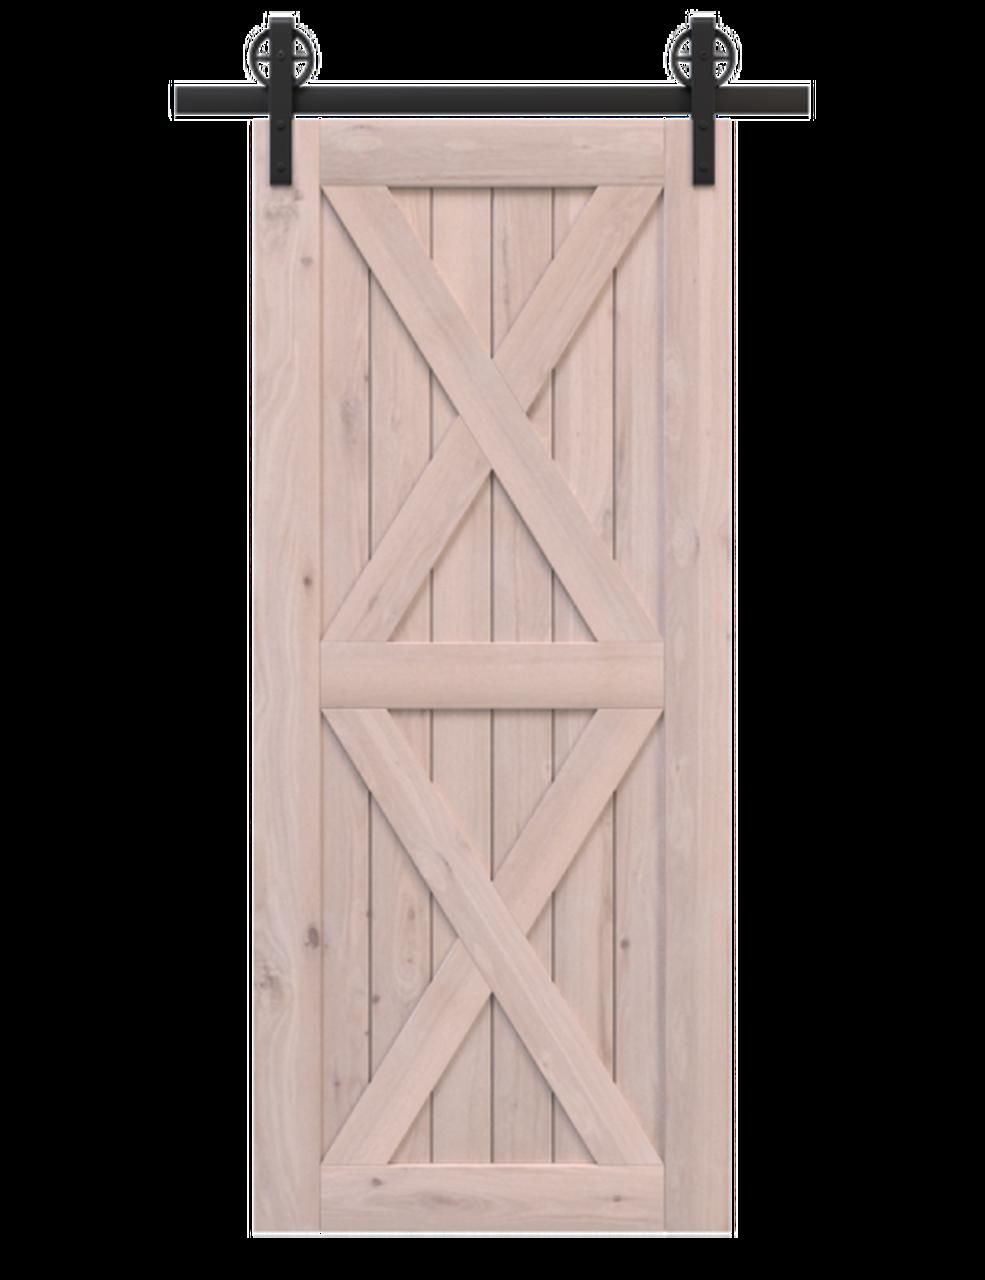 nantucket-unfinished-wood-barn-door-with-double-x-panel